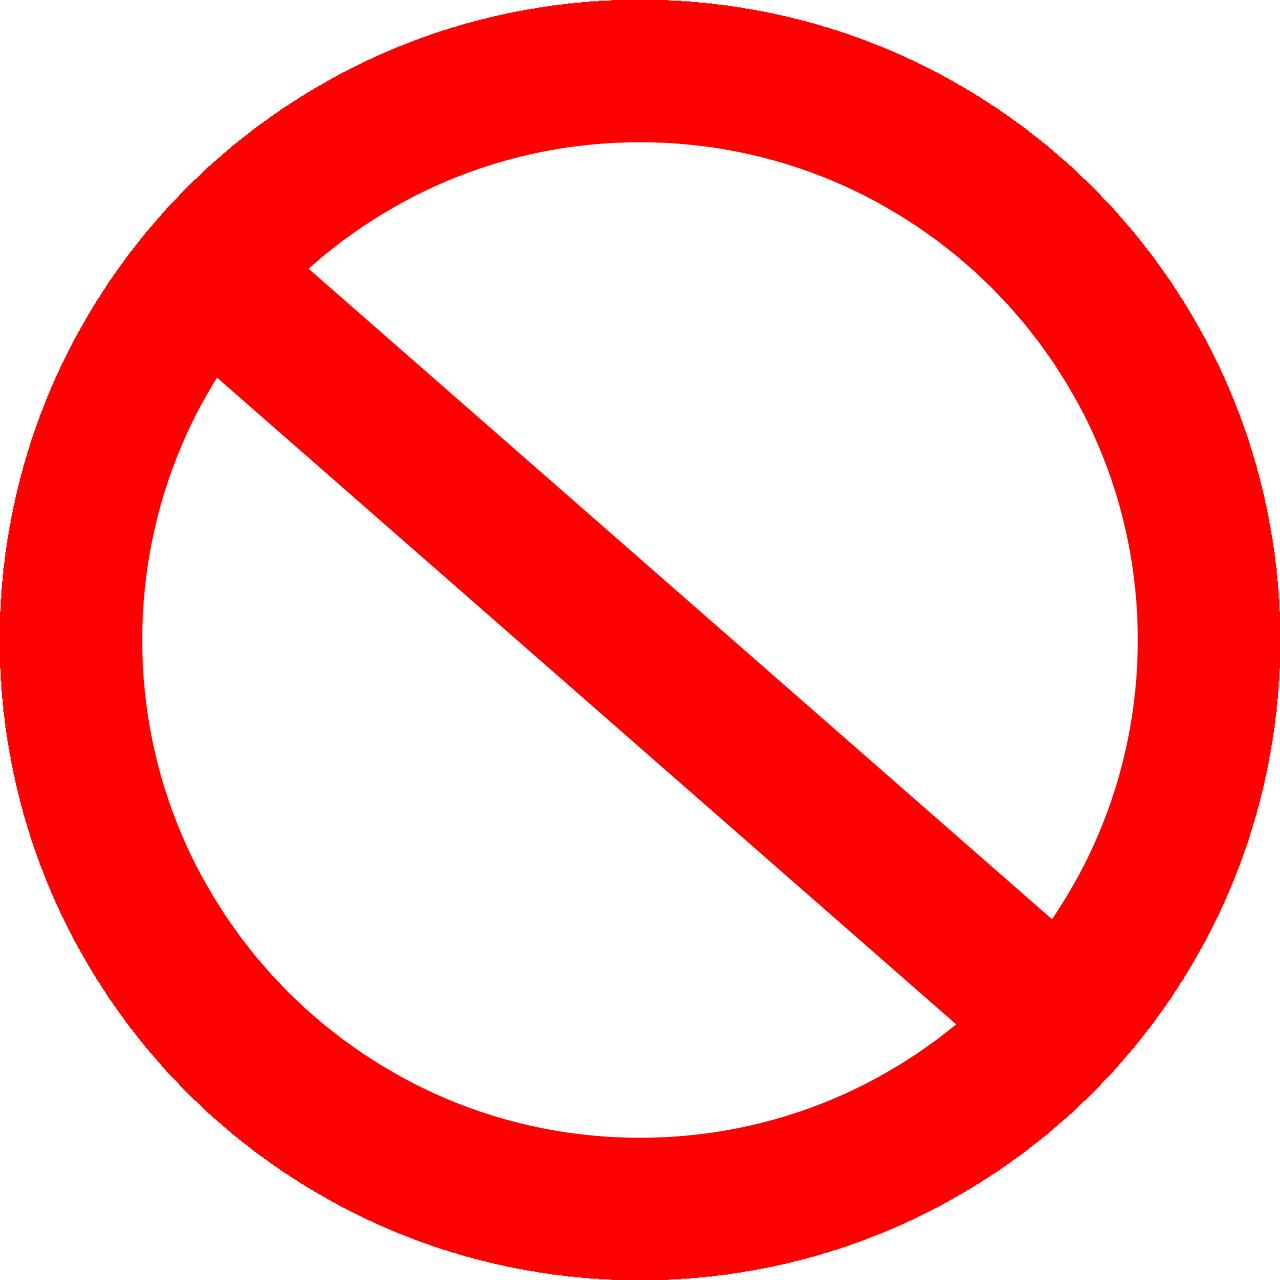 Koszulka damska czarna logo słowiańskie